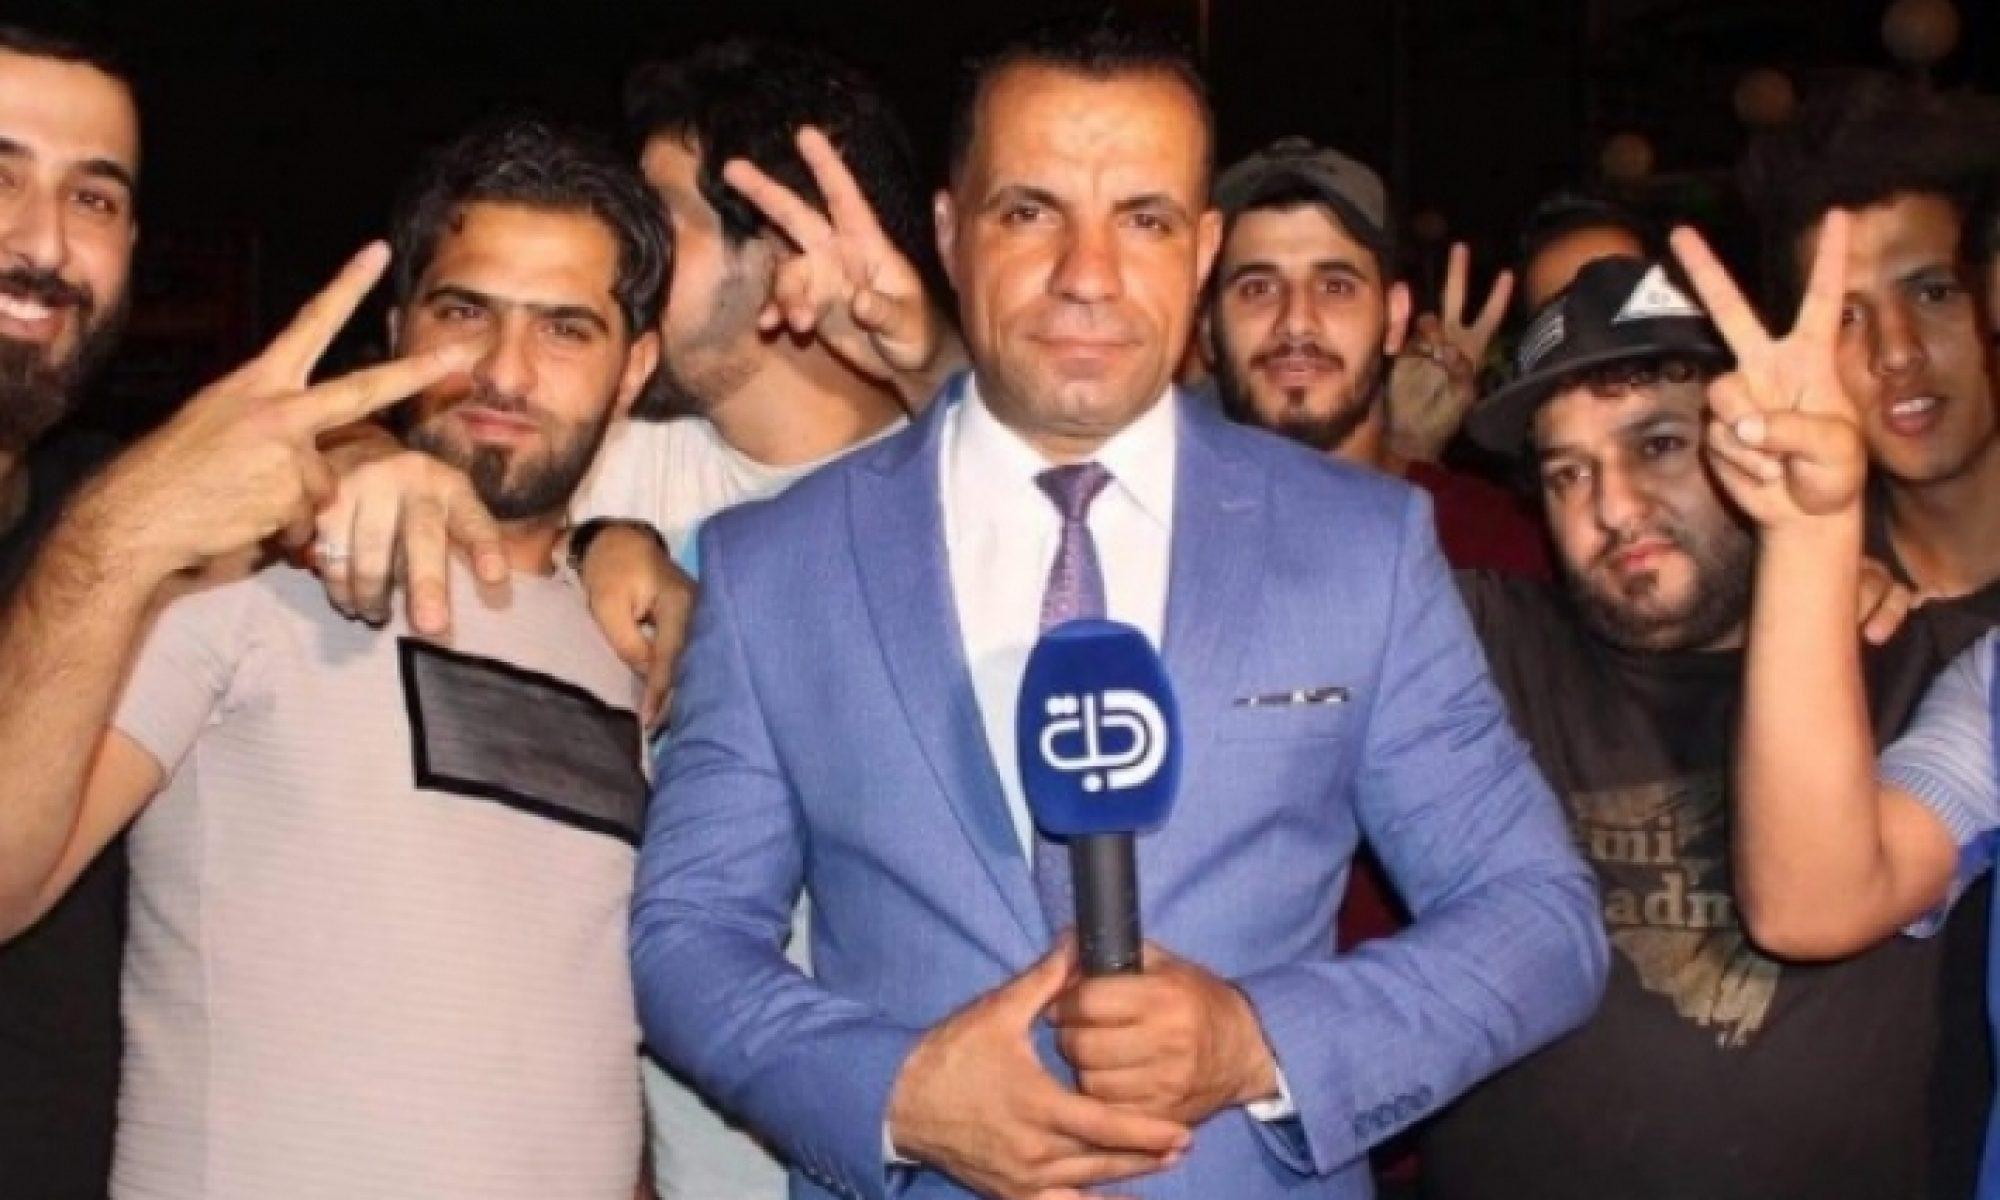 Irak'ta Muhalif gazeteci ve kameraman öldürüldü